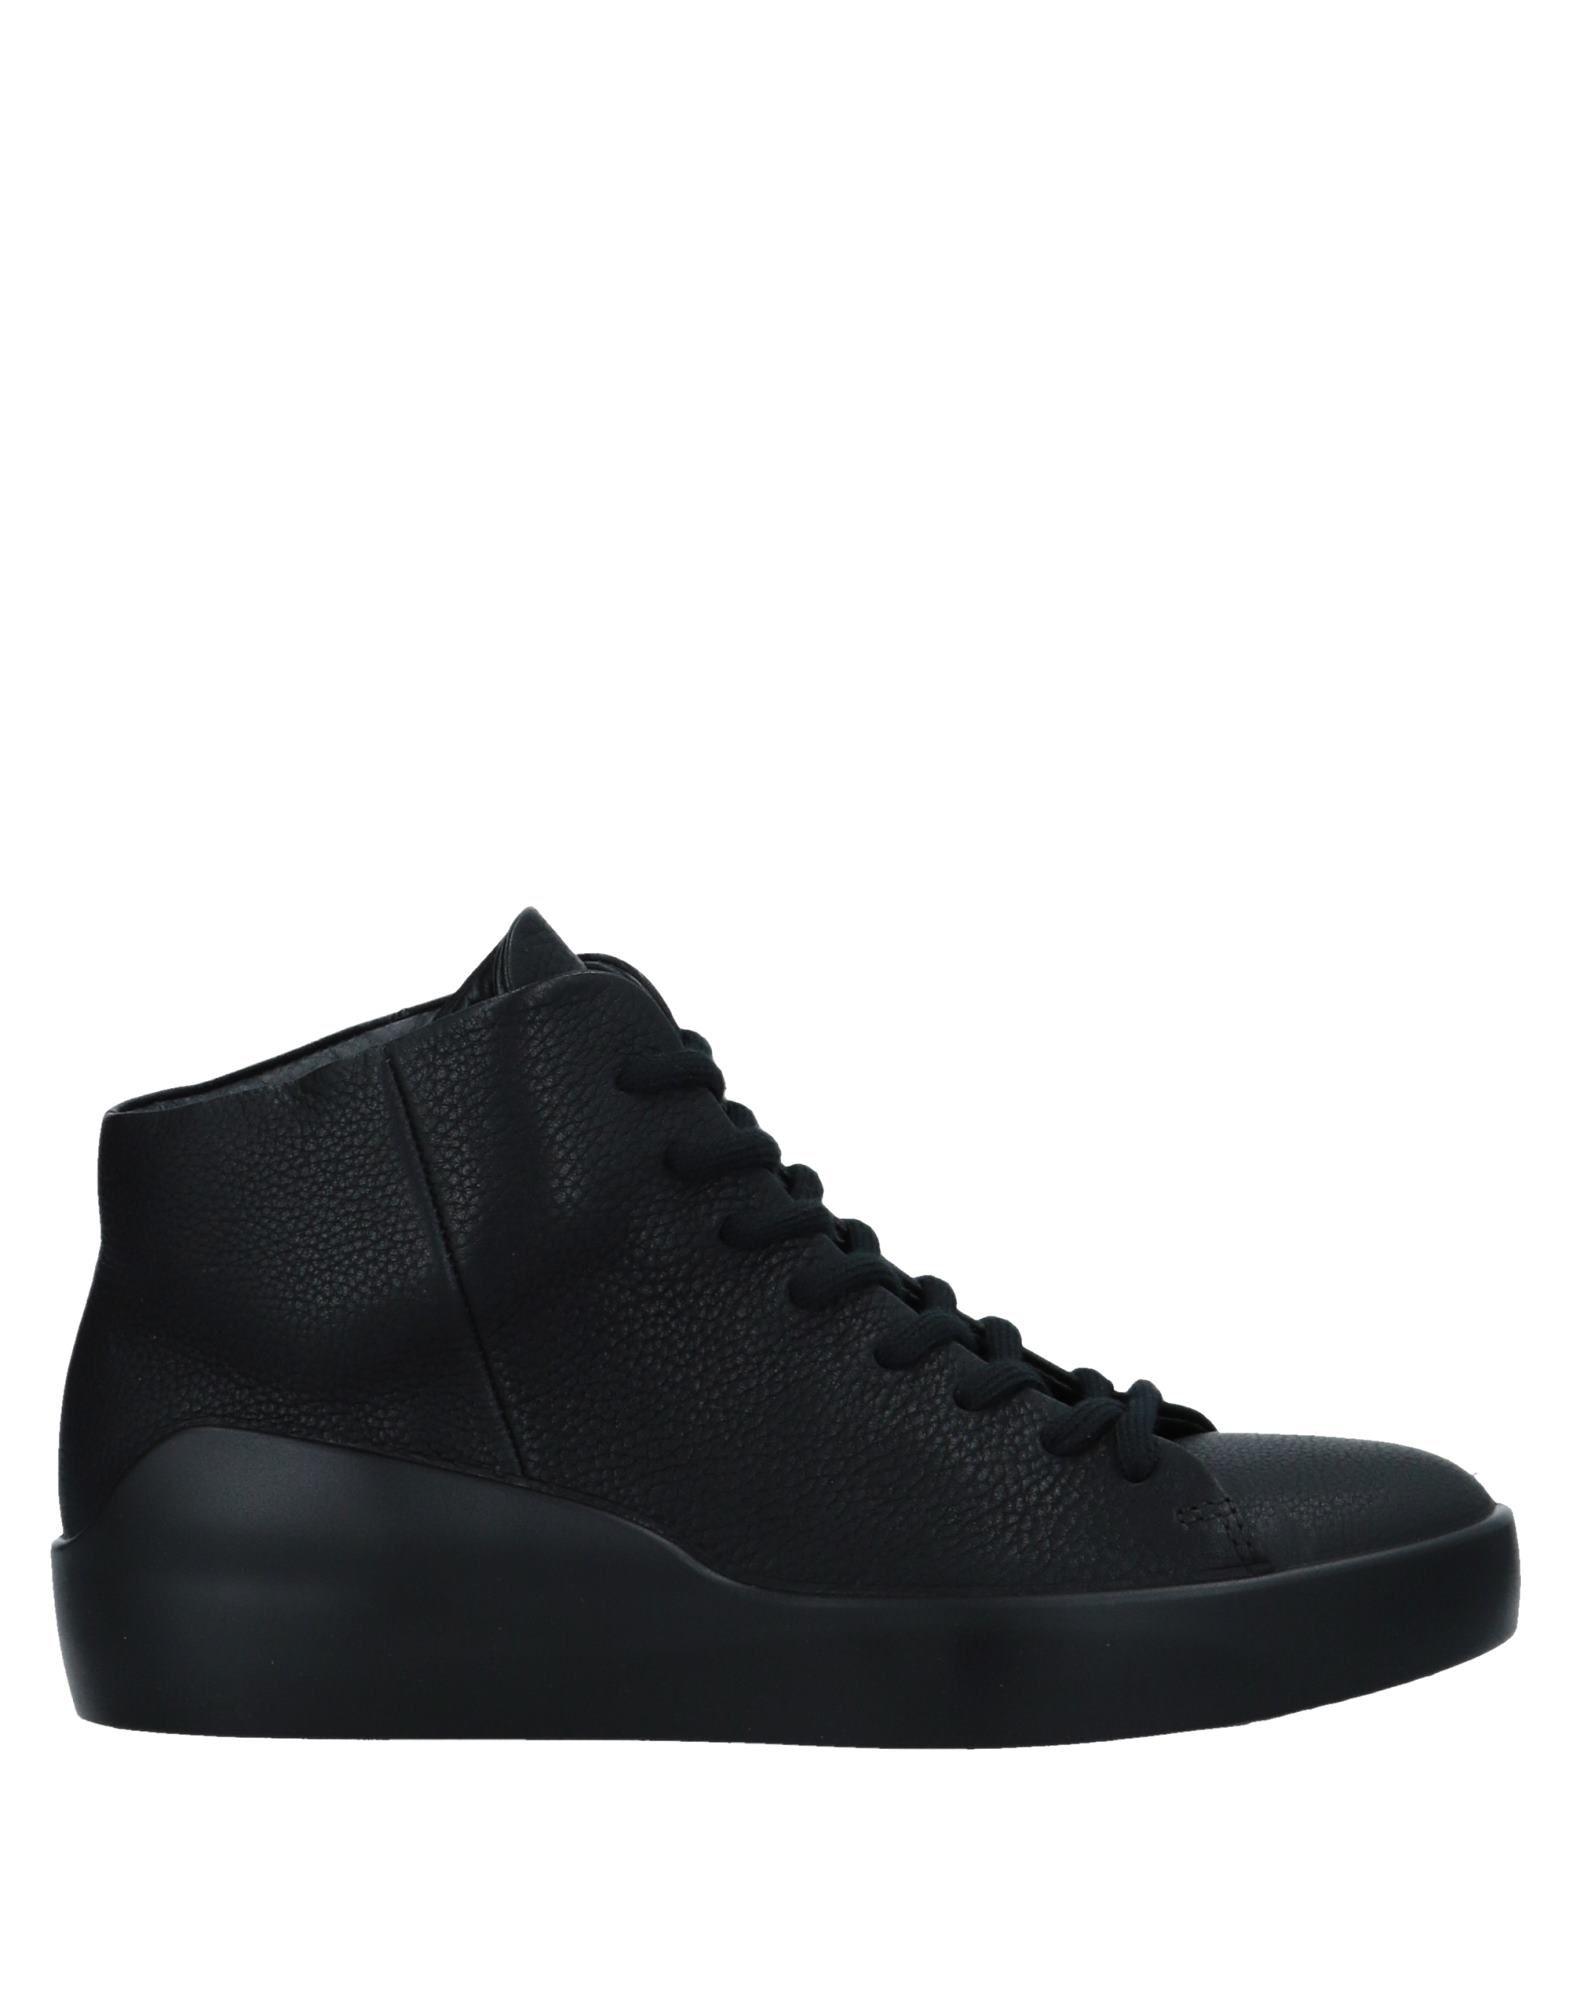 ECCO x THE LAST CONSPIRACY Высокие кеды и кроссовки ecco® низкие кеды и кроссовки